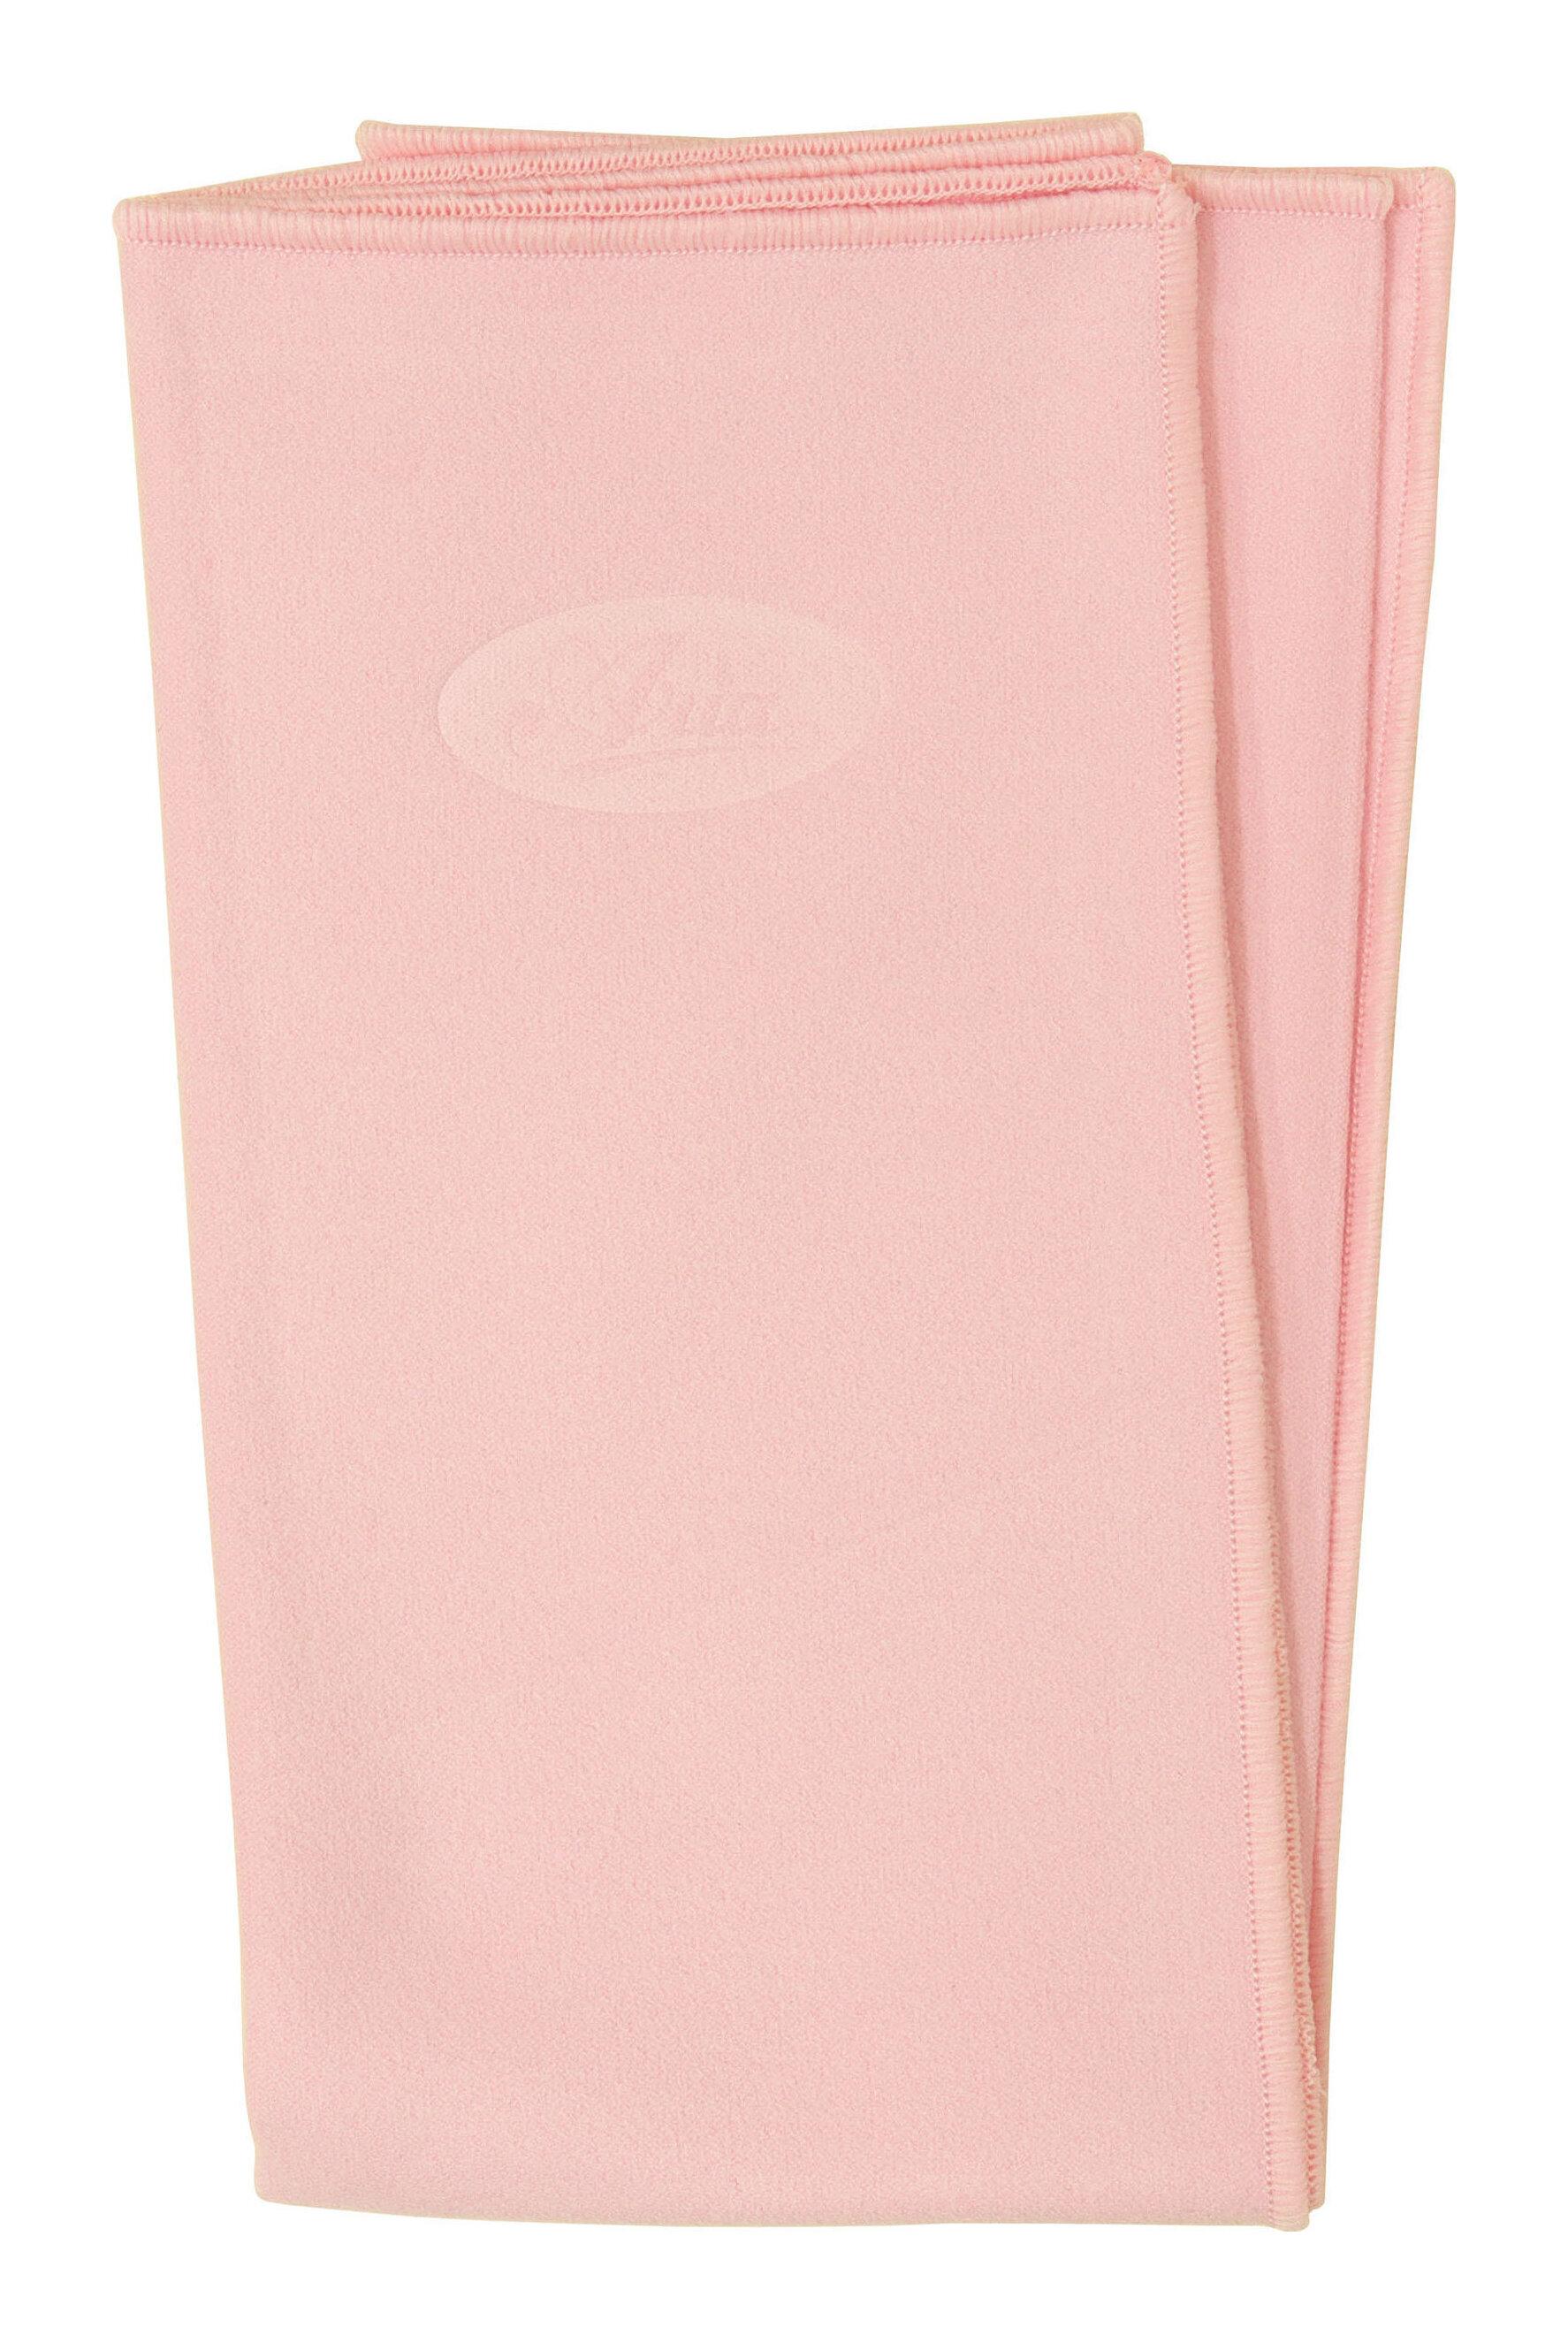 アリア Aria CC-500 PK Pink 海外 メール便発送 代金引換不可 売れ筋ランキング 全国送料無料 楽器用クロス smtb-TK